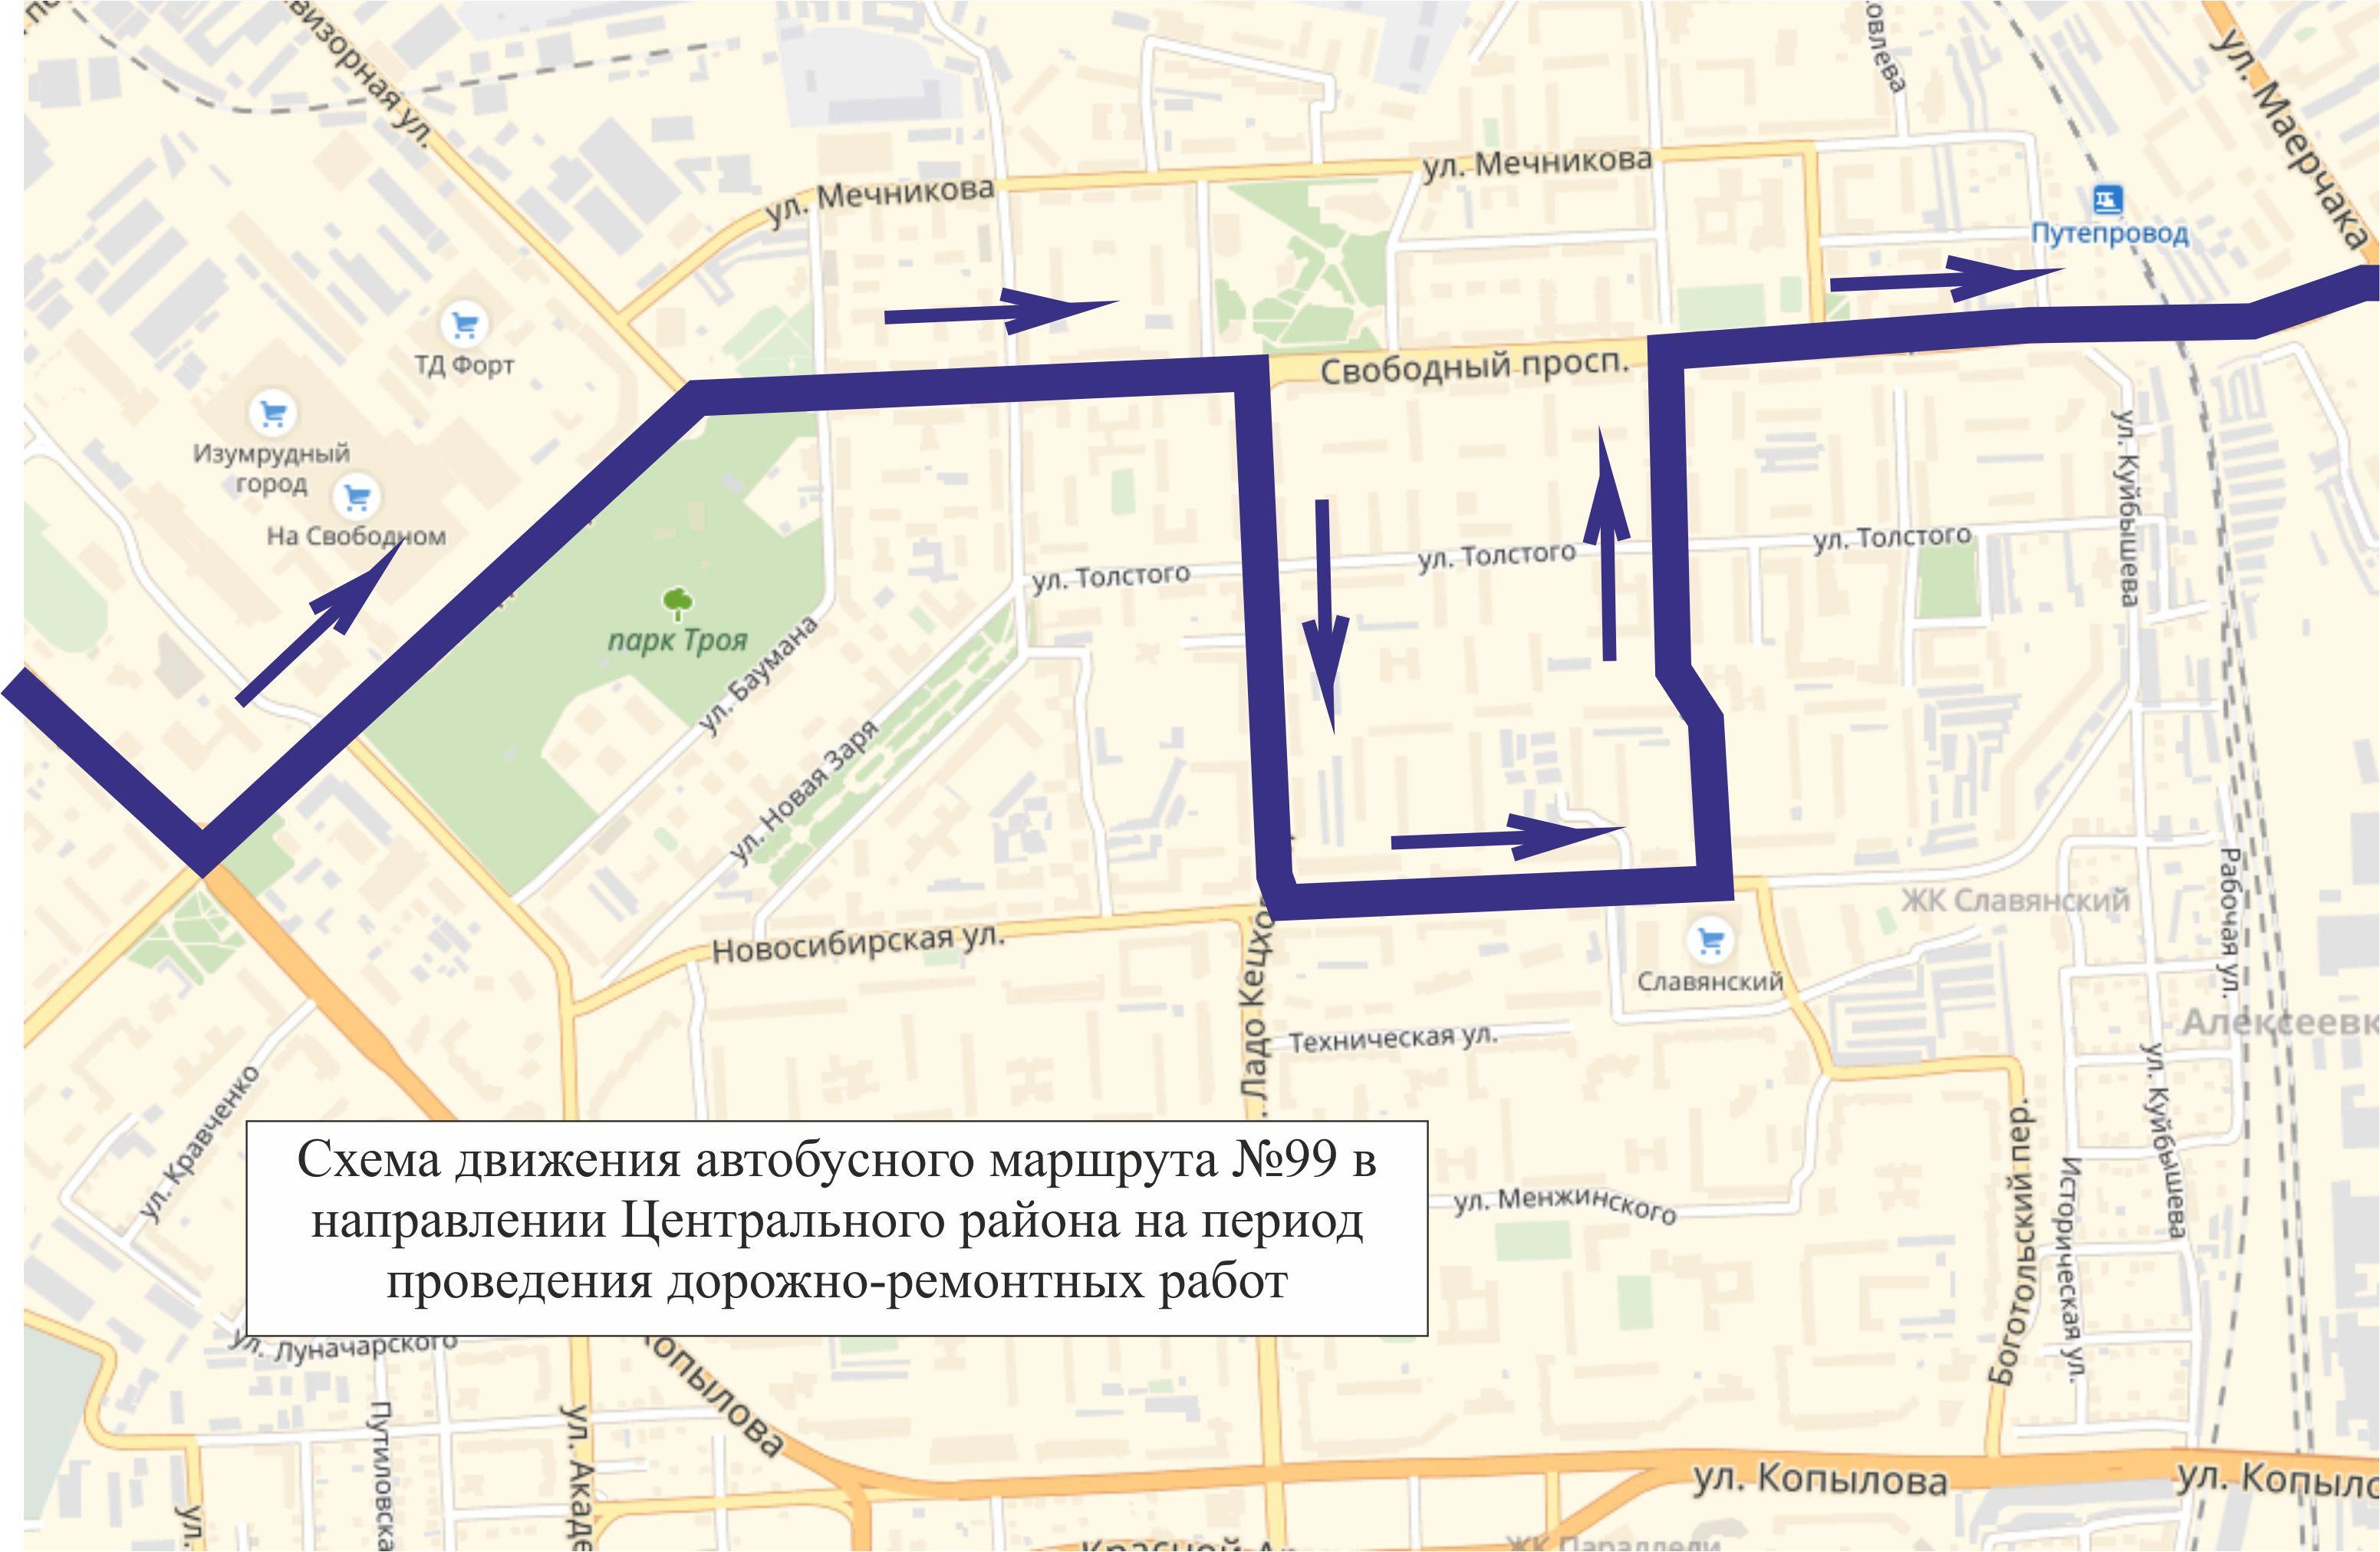   В Красноярске из-за ремонта Копылова автобус №99 меняет маршрут